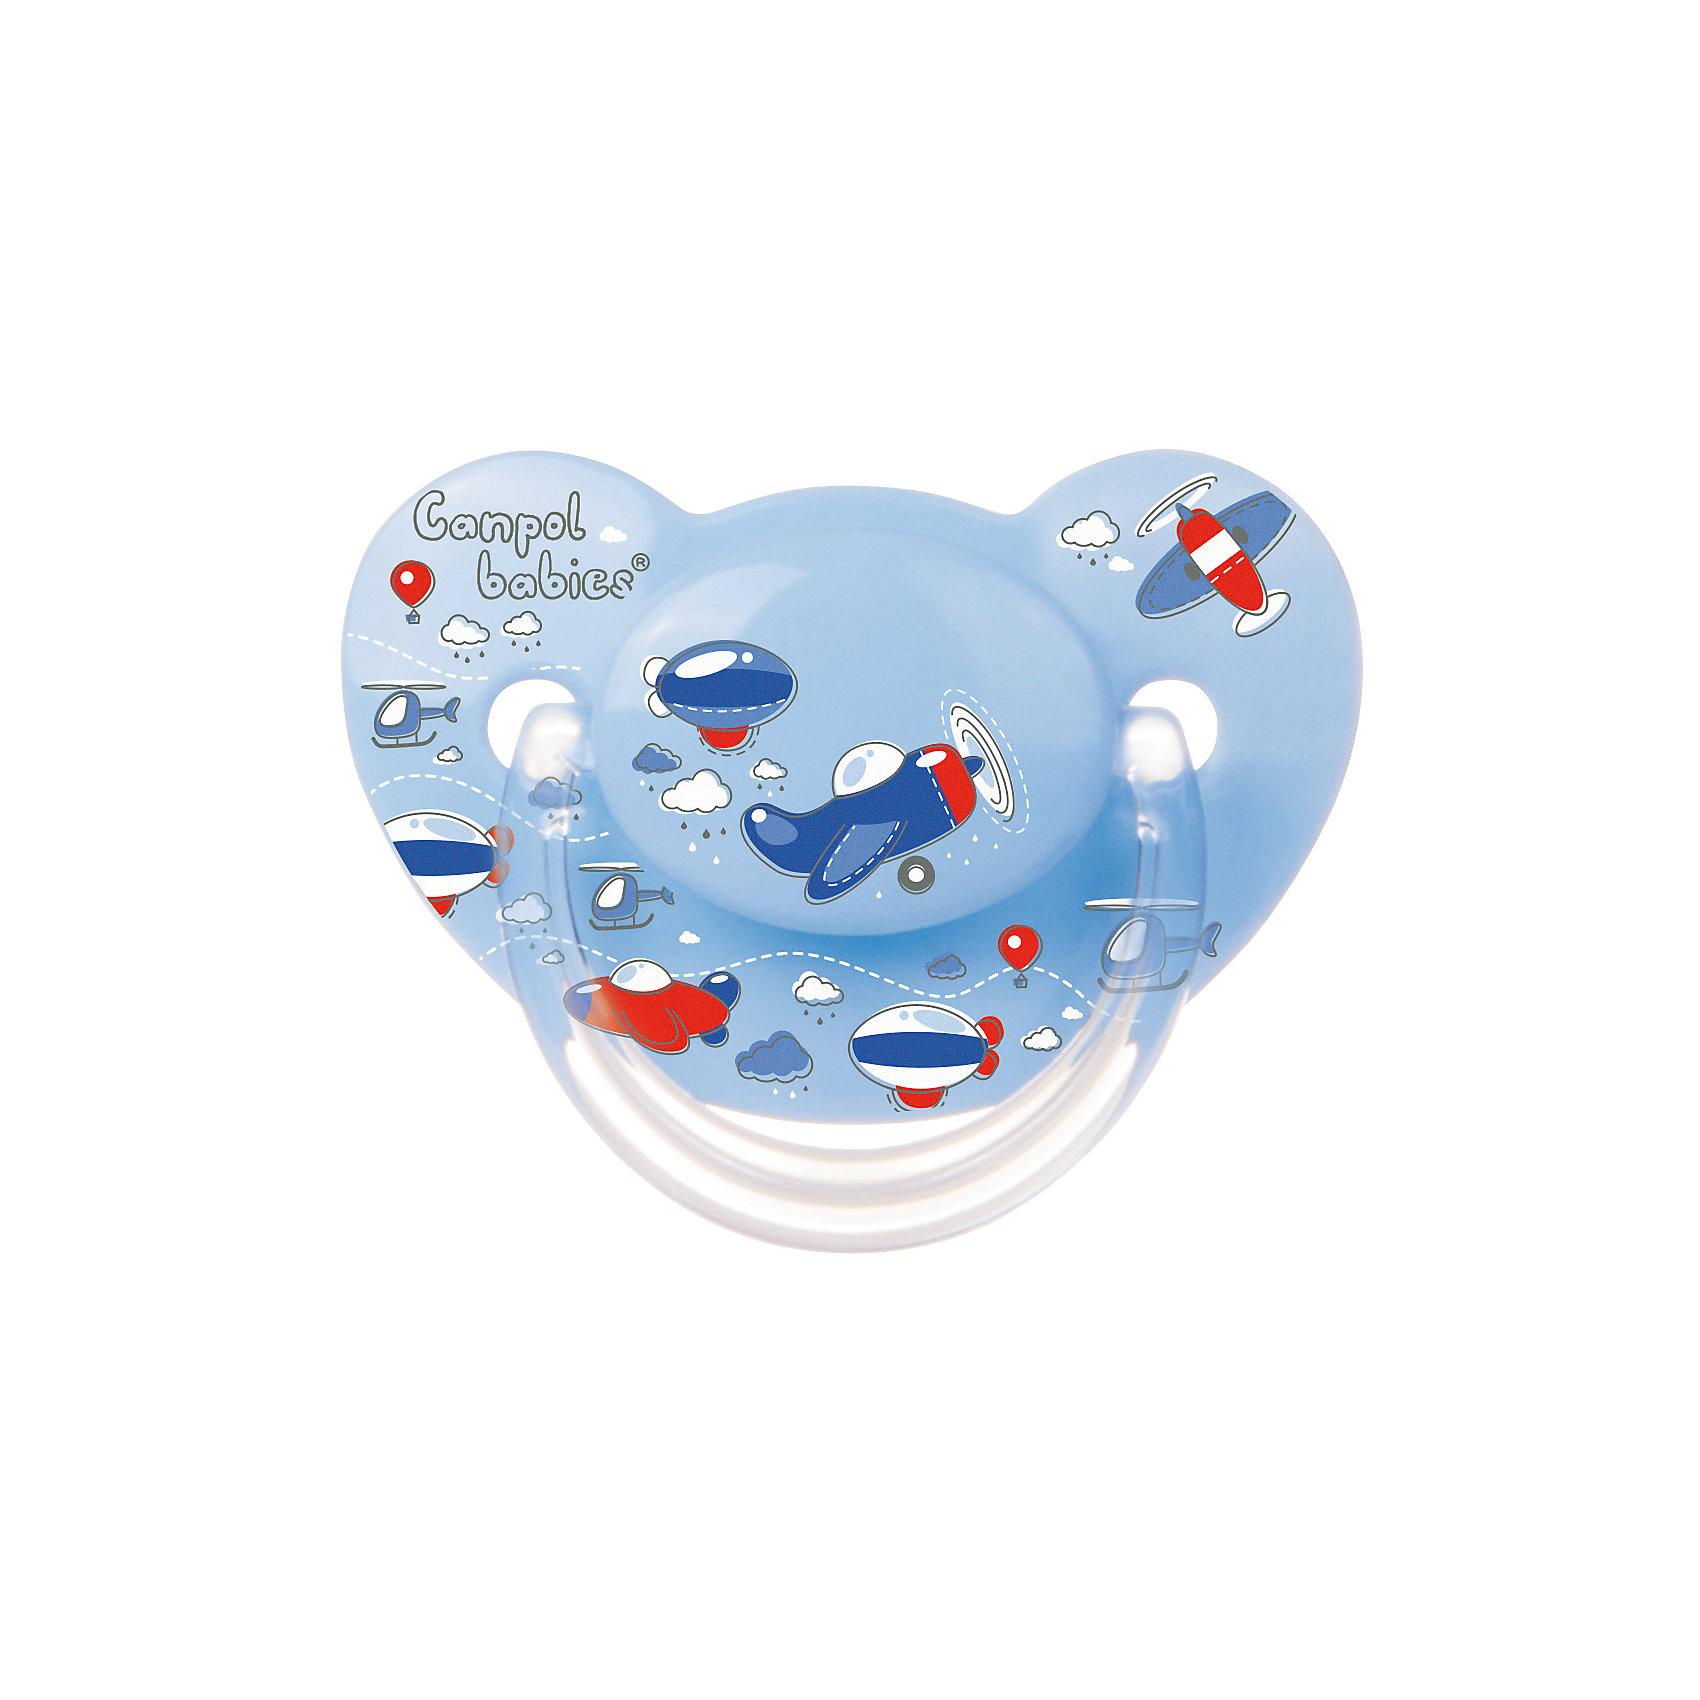 Canpol Babies Пустышка анатомическая силиконовая, 6-18 Machines, Canpol Babies, голубой canpol babies пустышка силиконовая ортодонтическая machines от 18 месяцев цвет бирюзовый